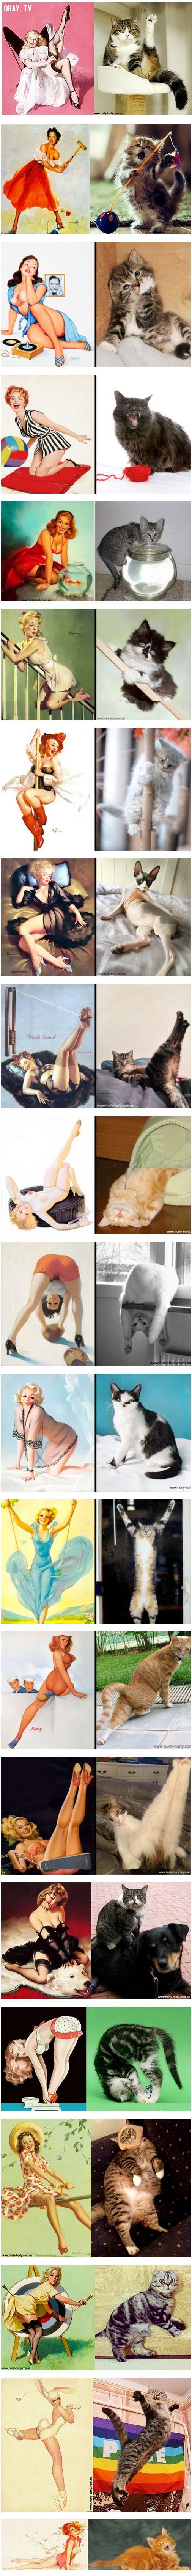 ảnh nàng mèo,mèo hài hước,vật nuôi